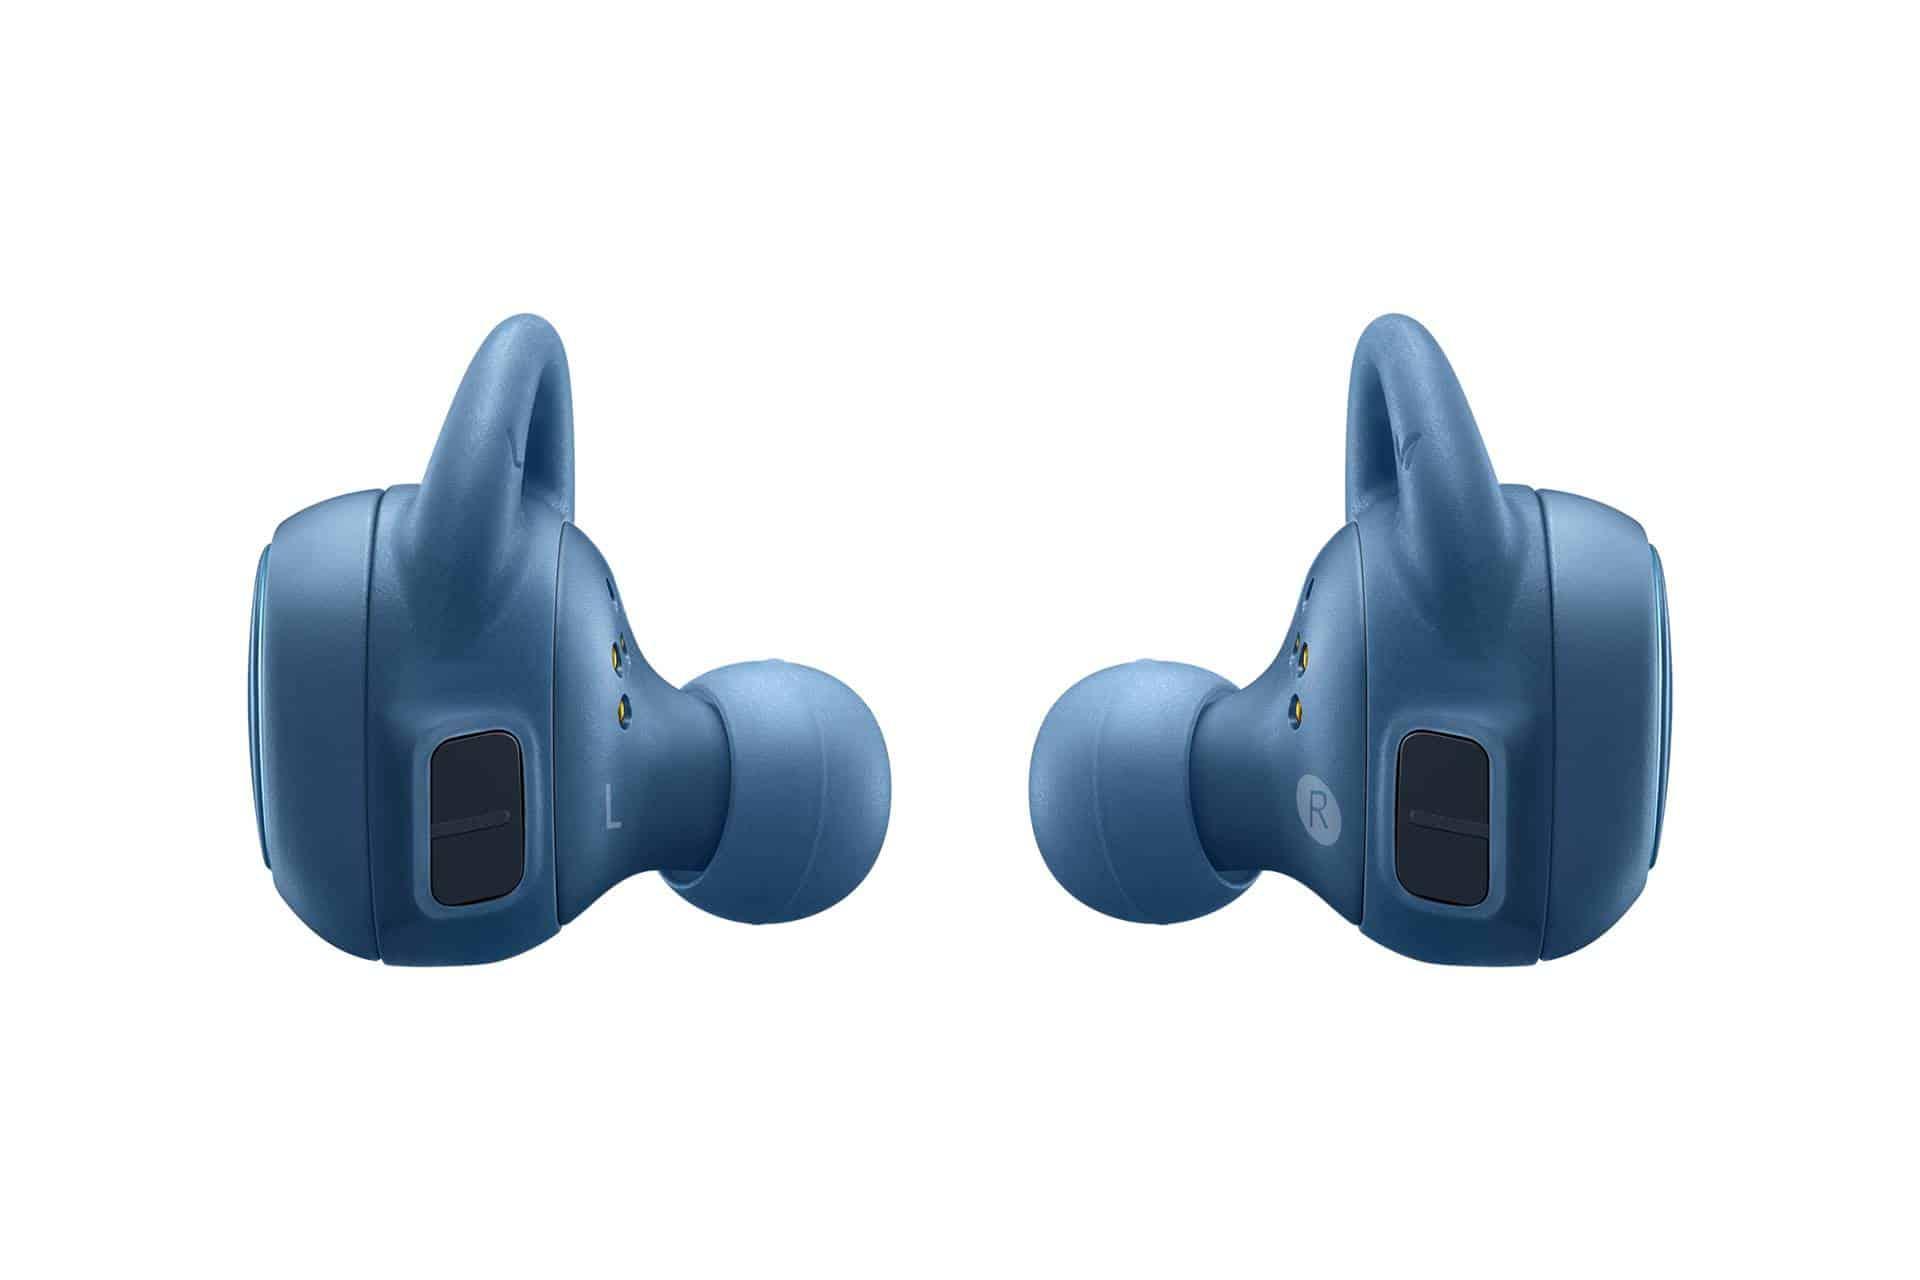 Samsung Gear iconx ah 5